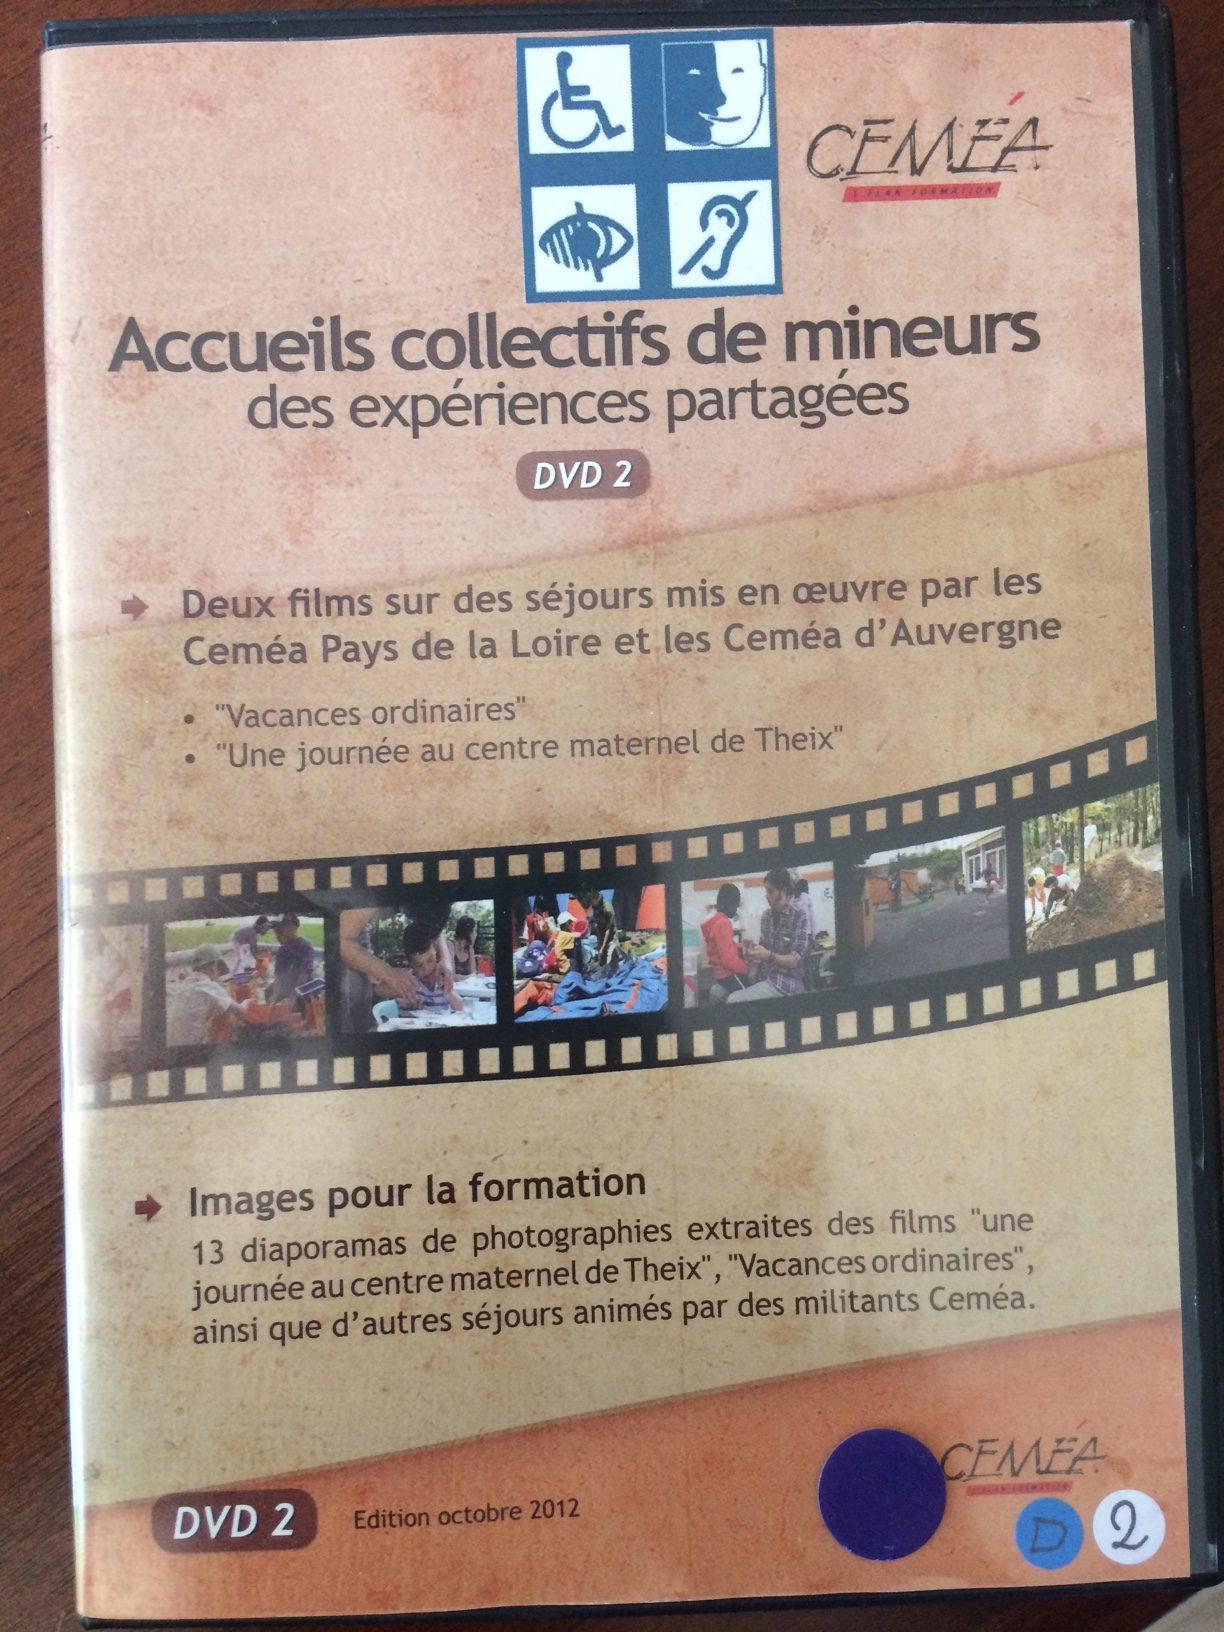 Accueils collectifs de mineurs - DVD 2 - CÉMÉA